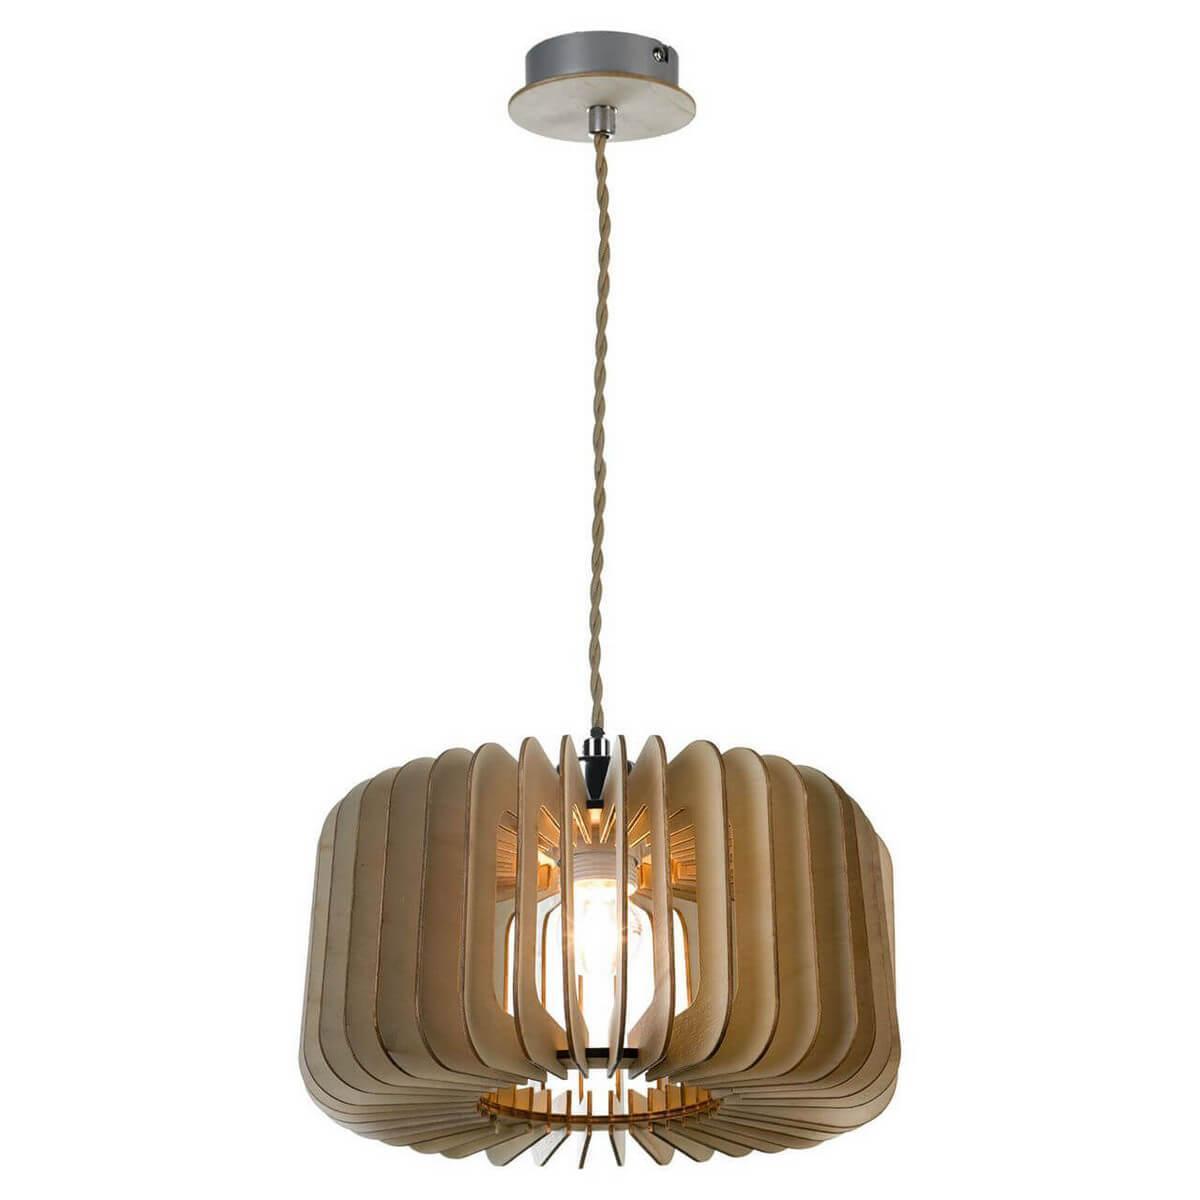 Подвесной светильник Lussole GRLSP-9832, E27, 11 Вт подвесной светильник lussole grlsp 9894 коричневый